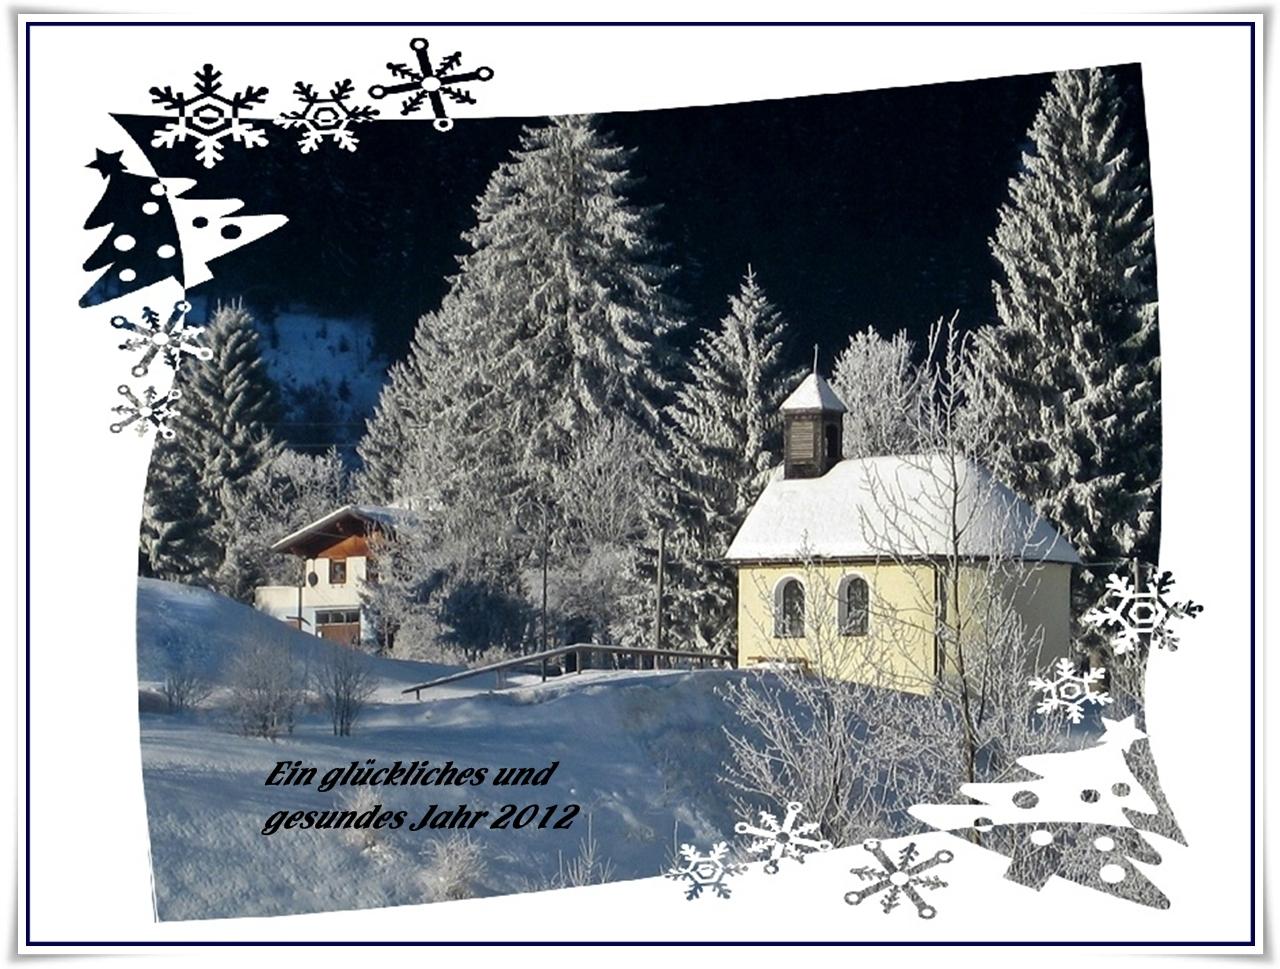 Meine Wünsche zum Jahreswechsel.